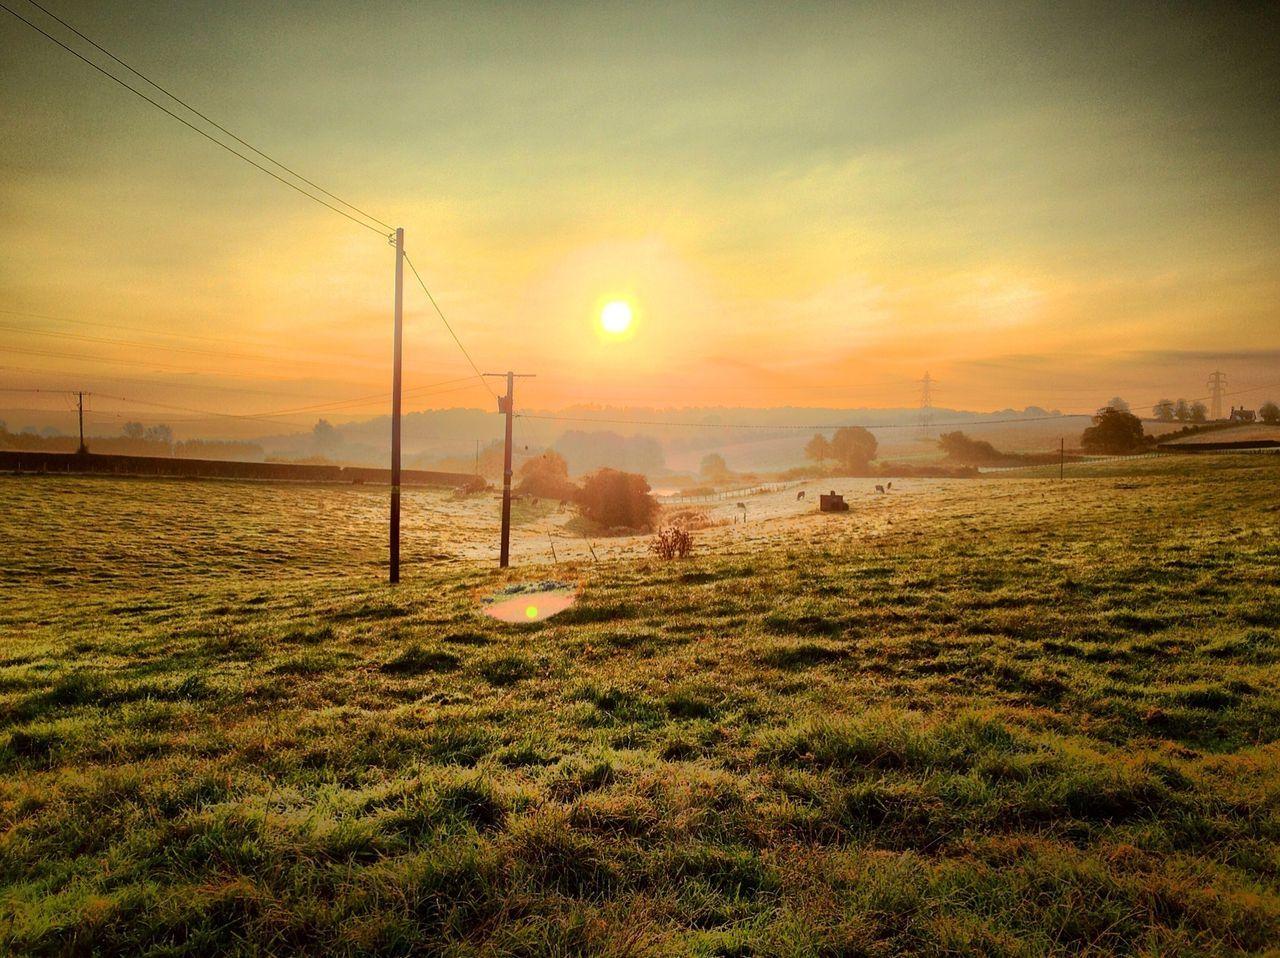 Grassy landscape during sunset